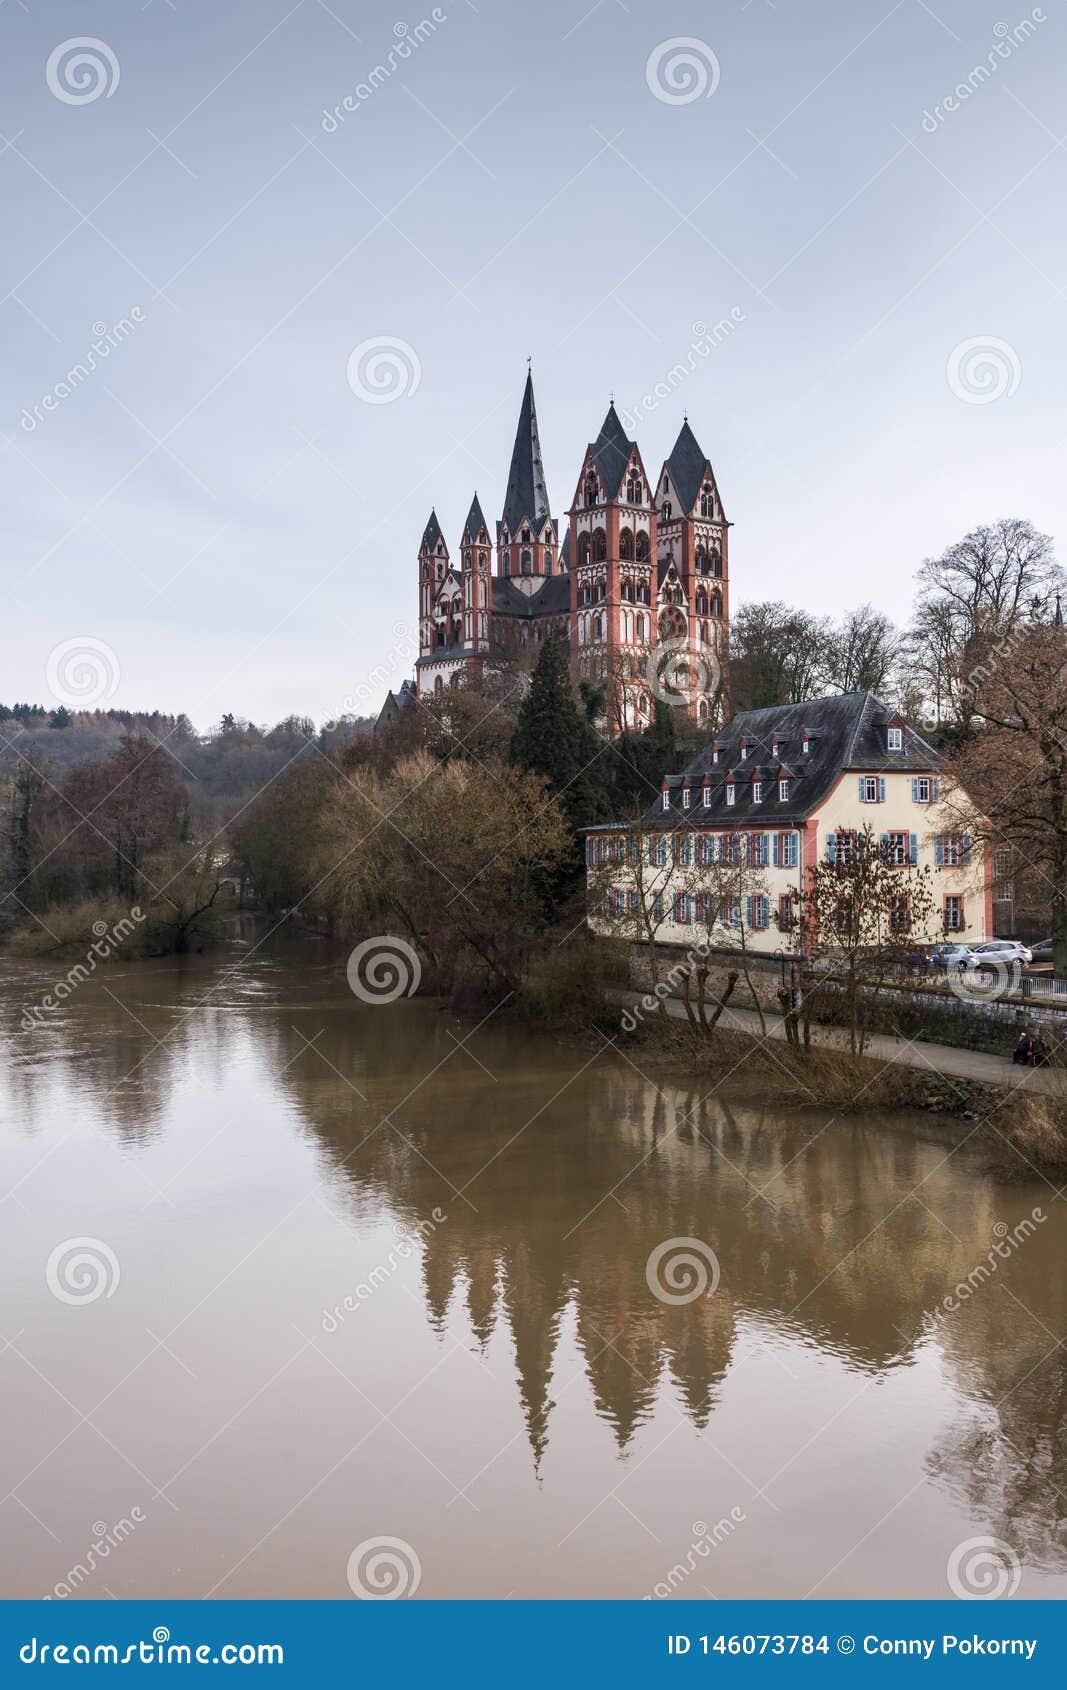 De Kathedraal van Limburg, Duitsland